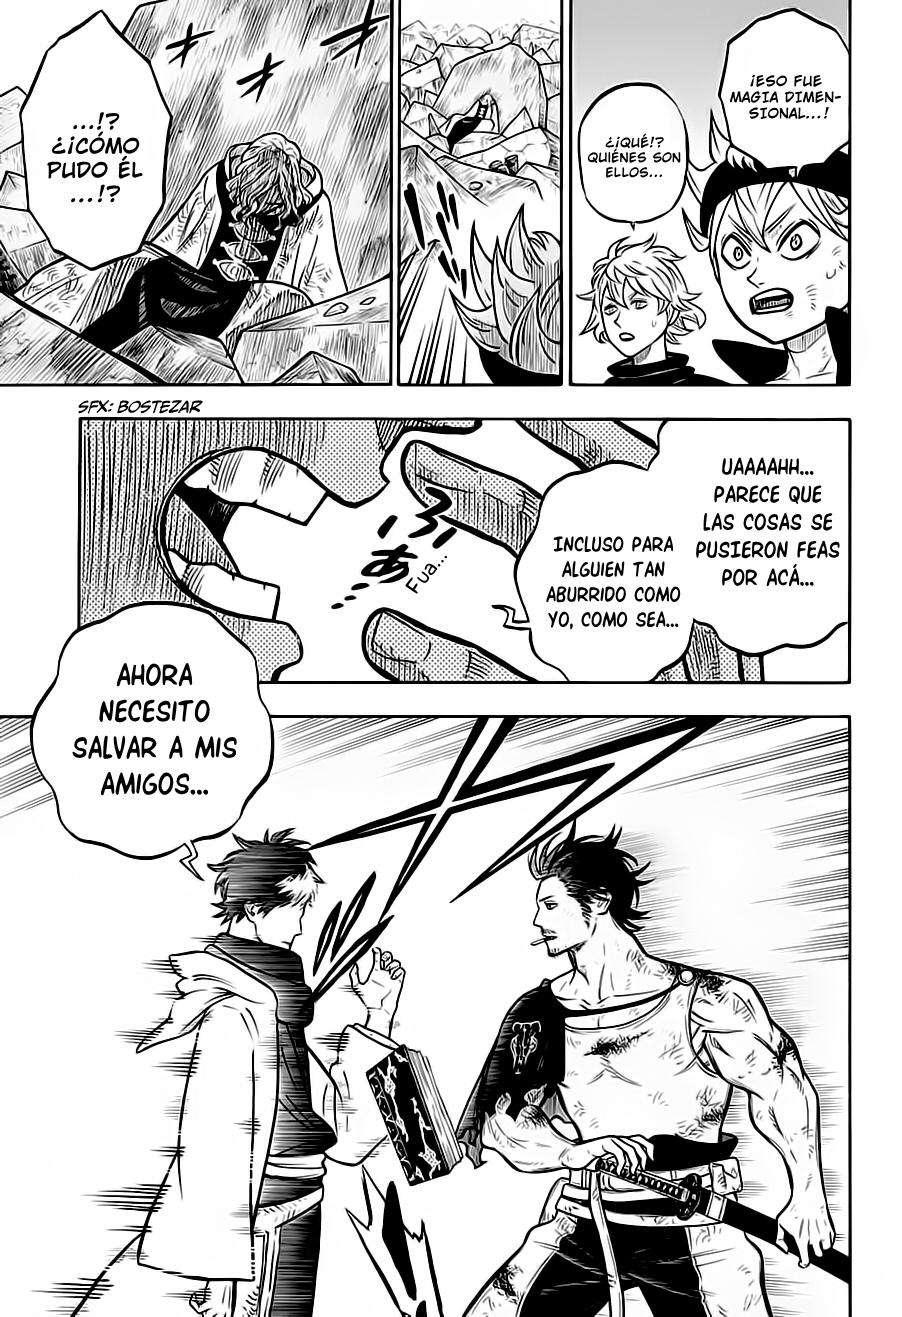 http://c5.ninemanga.com/es_manga/35/3811/448009/fa43cd19d82c6633a4f7c41048b3800e.jpg Page 6